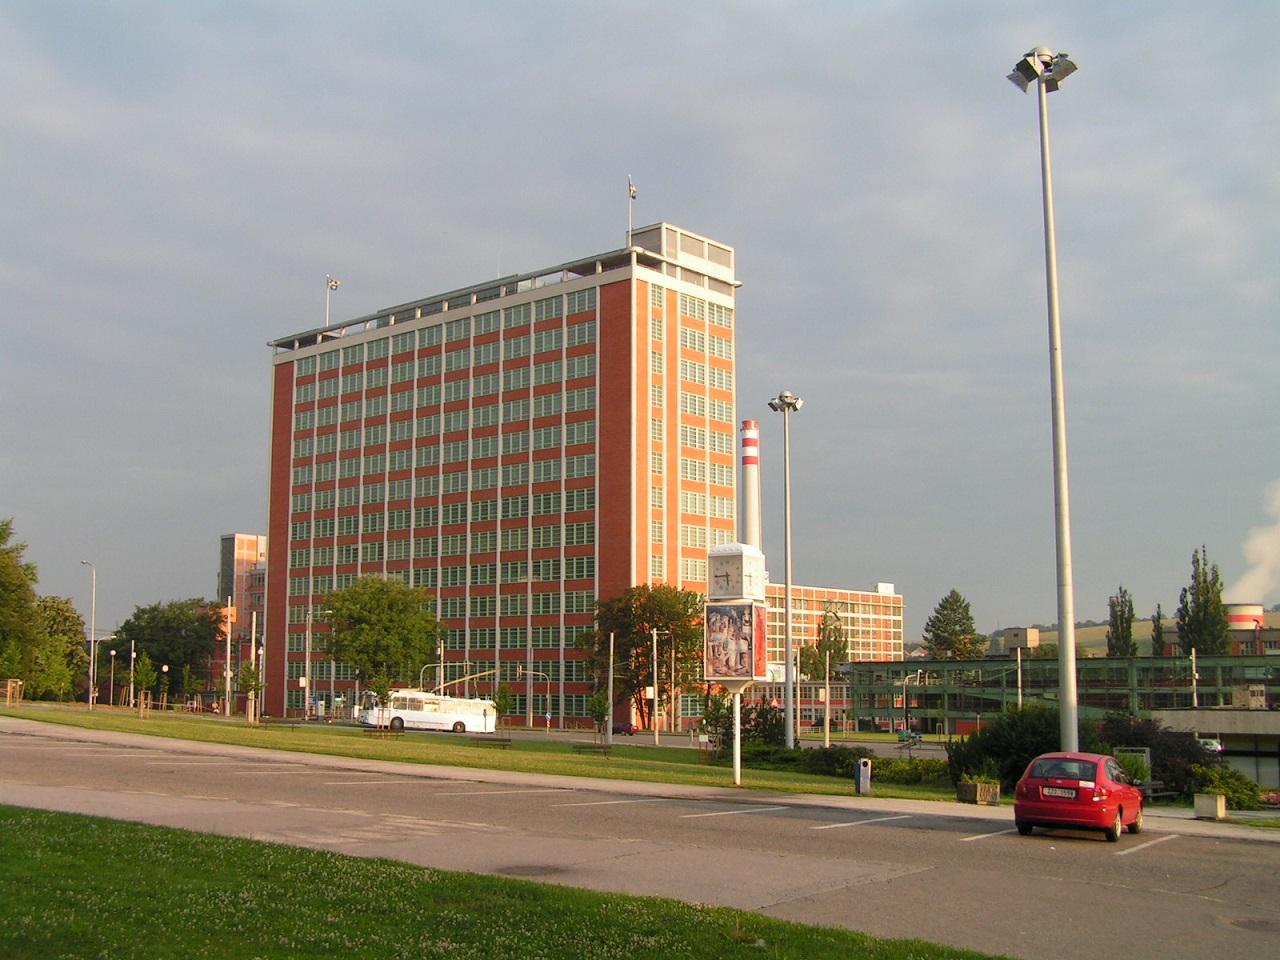 Zlínský mrakodrap - Správní budova č. 21 a Kancelář šéfa Baťových závodů ve výtahu 21. budovy